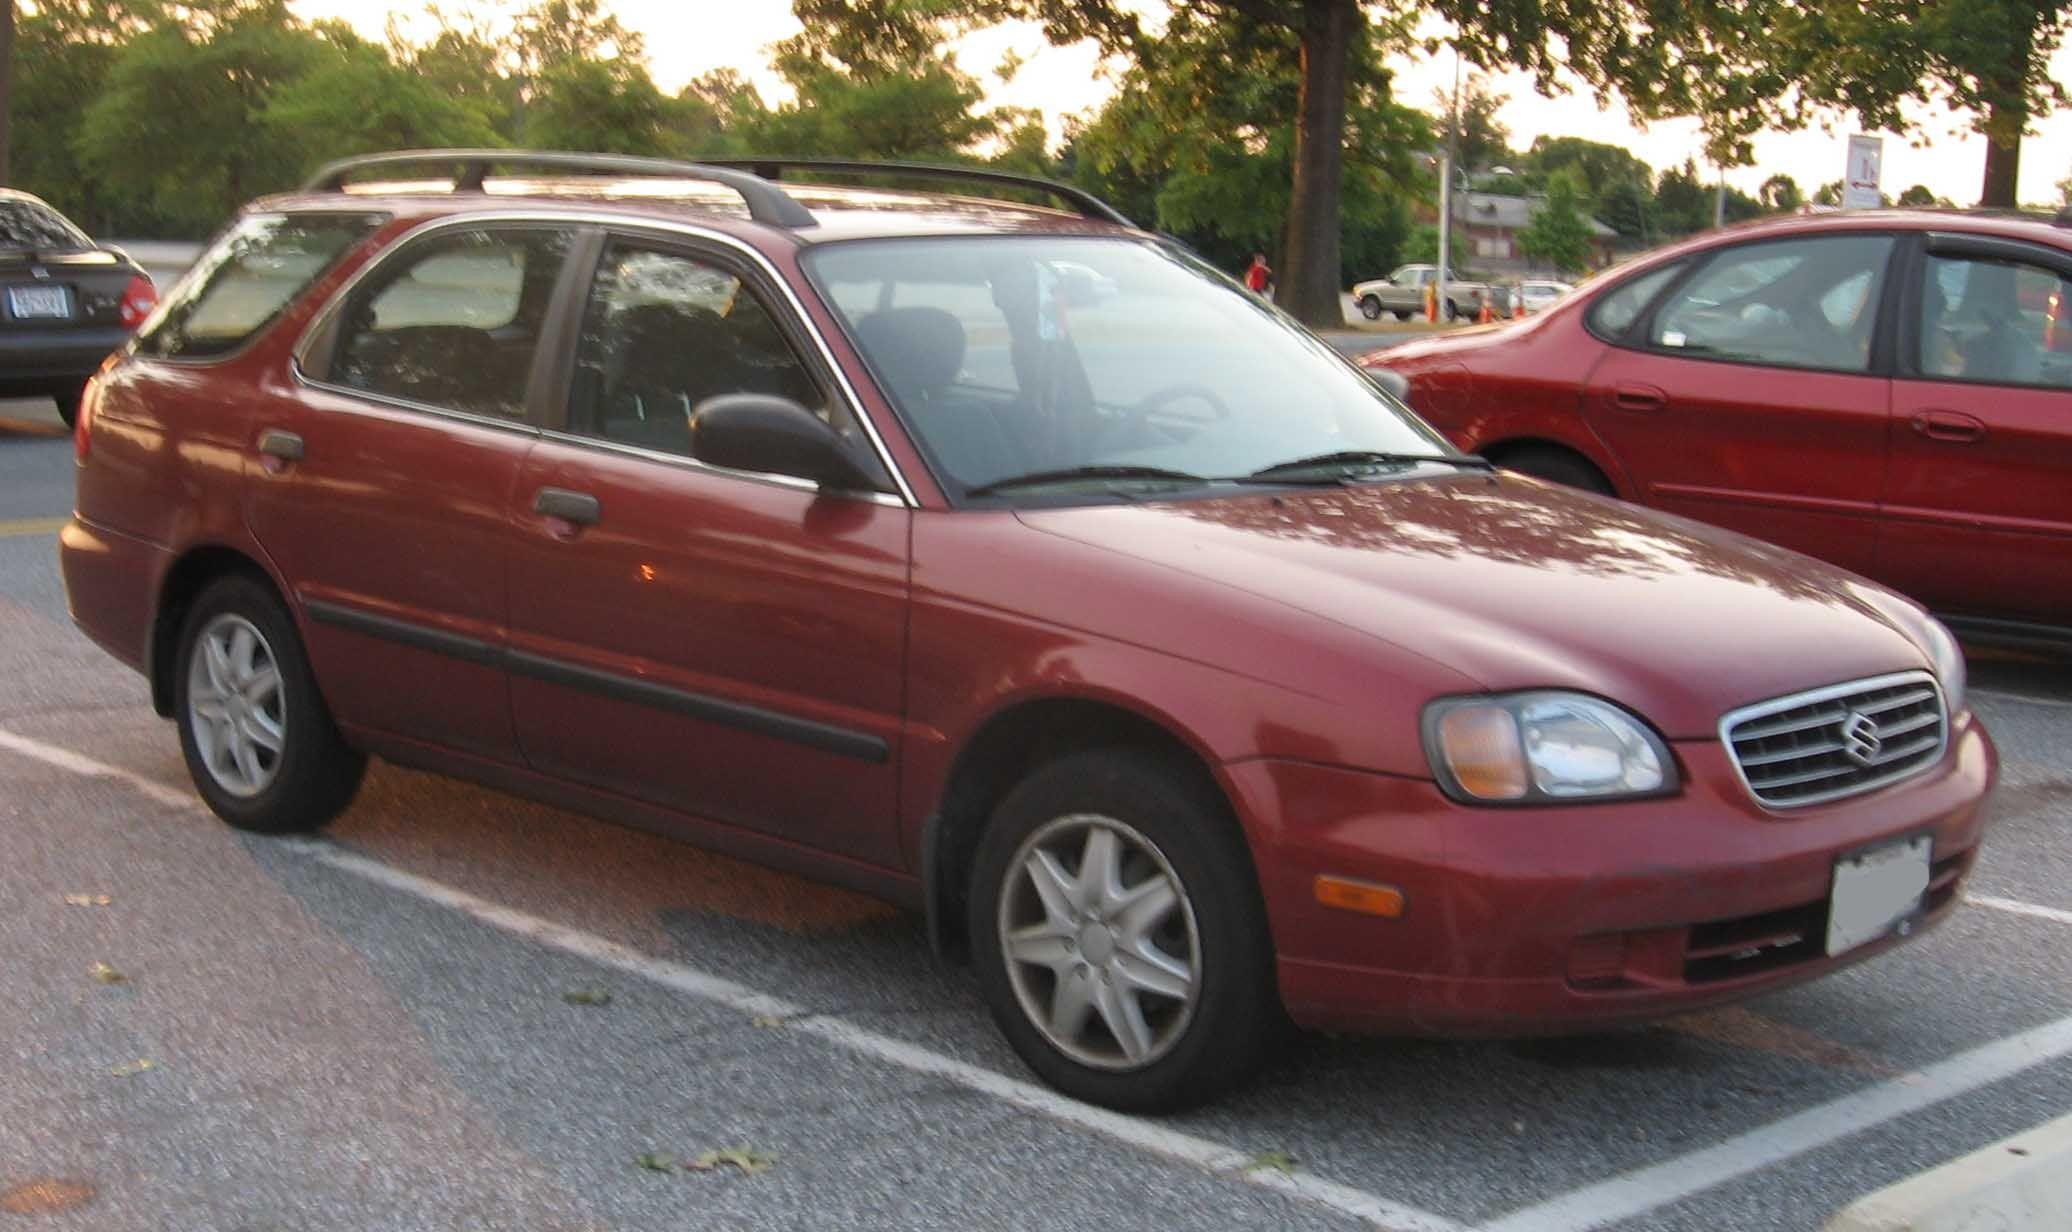 one of our many company cars suzuki esteem wagon family car rh pinterest  com 1996 Suzuki X90 Suzuki Esteem 1996 Purple